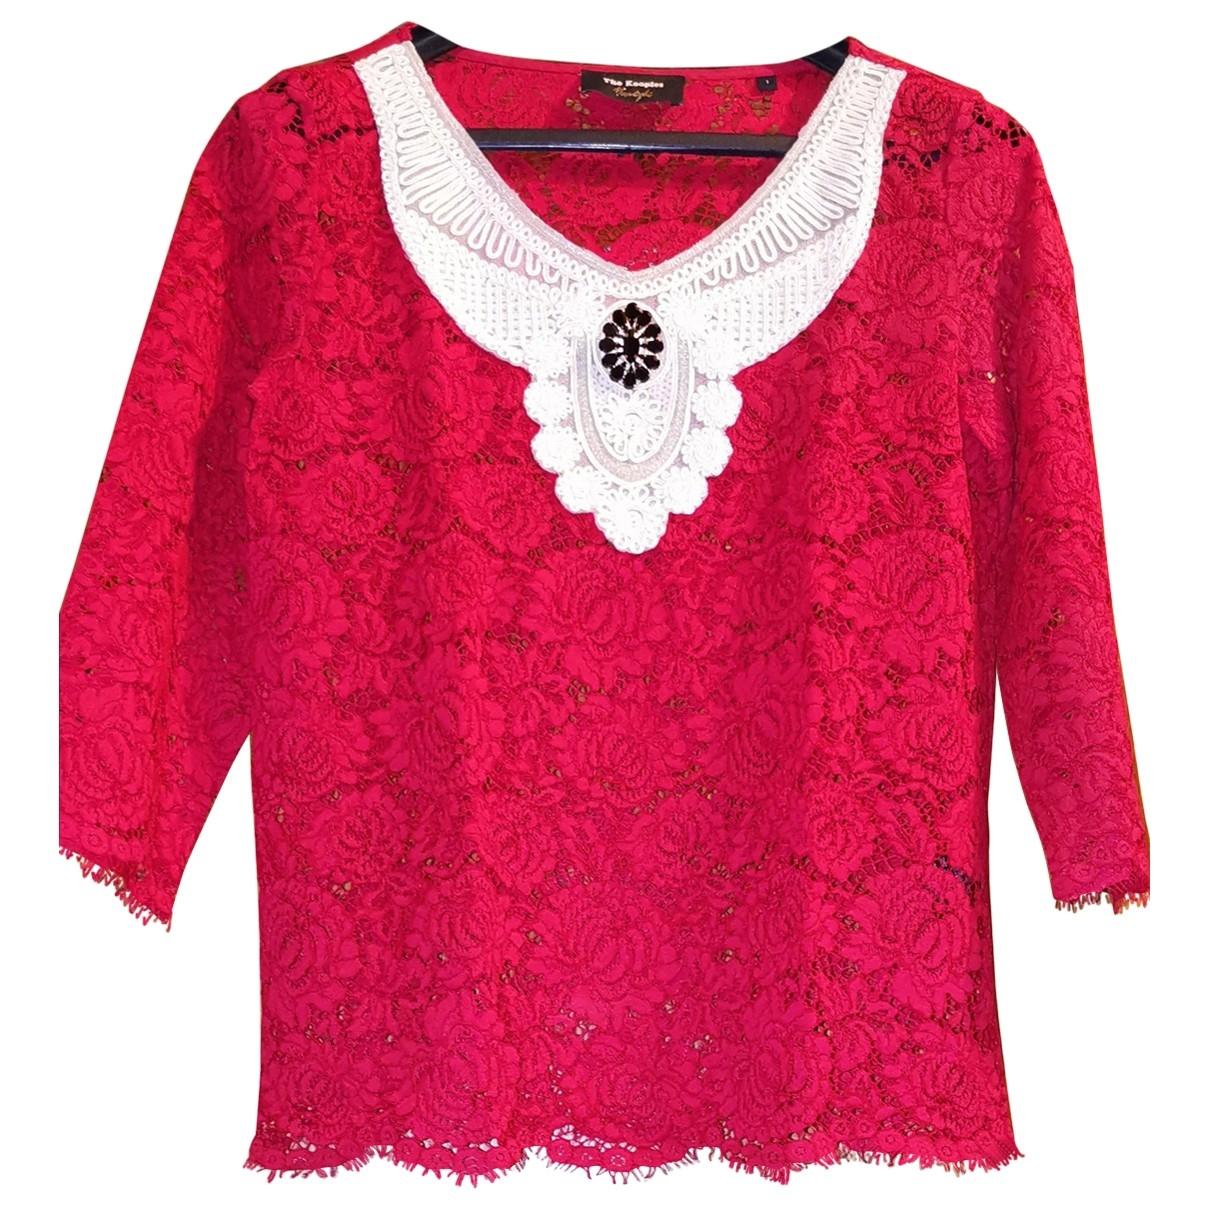 The Kooples - Top   pour femme en dentelle - rouge